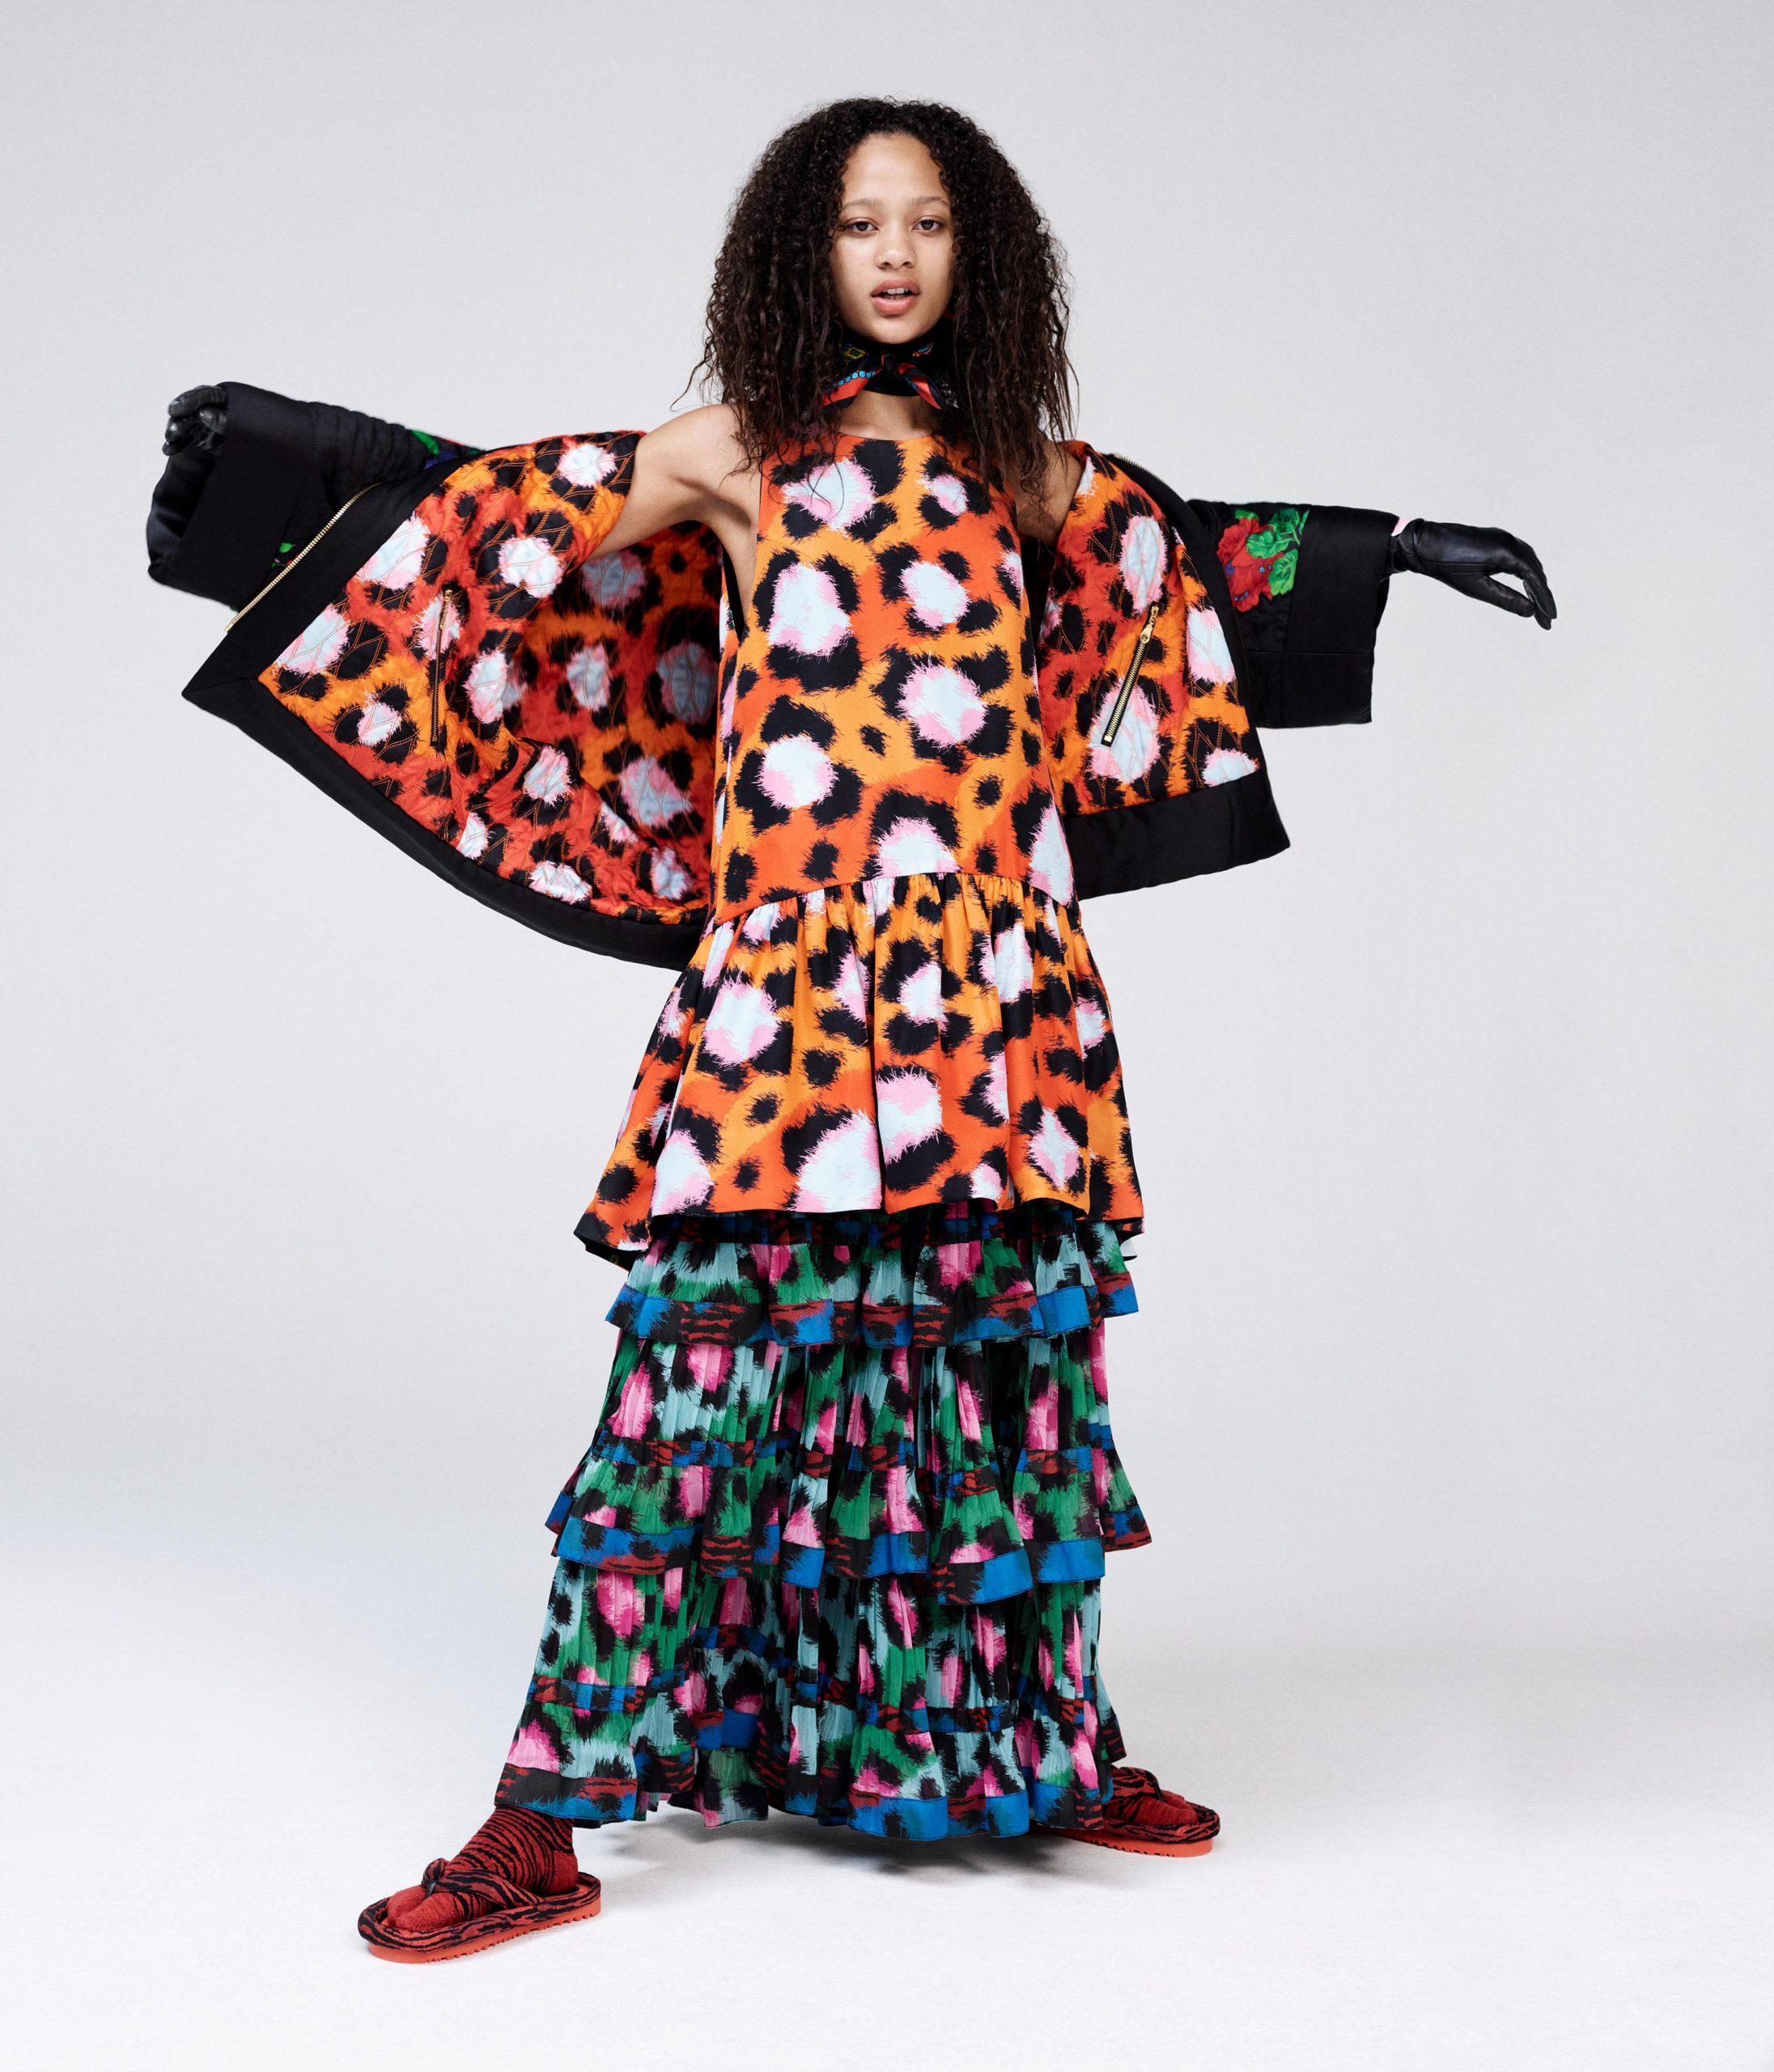 קולקציית שיתוף הפעולה בין בית האופנה קנזו לרשת H&M